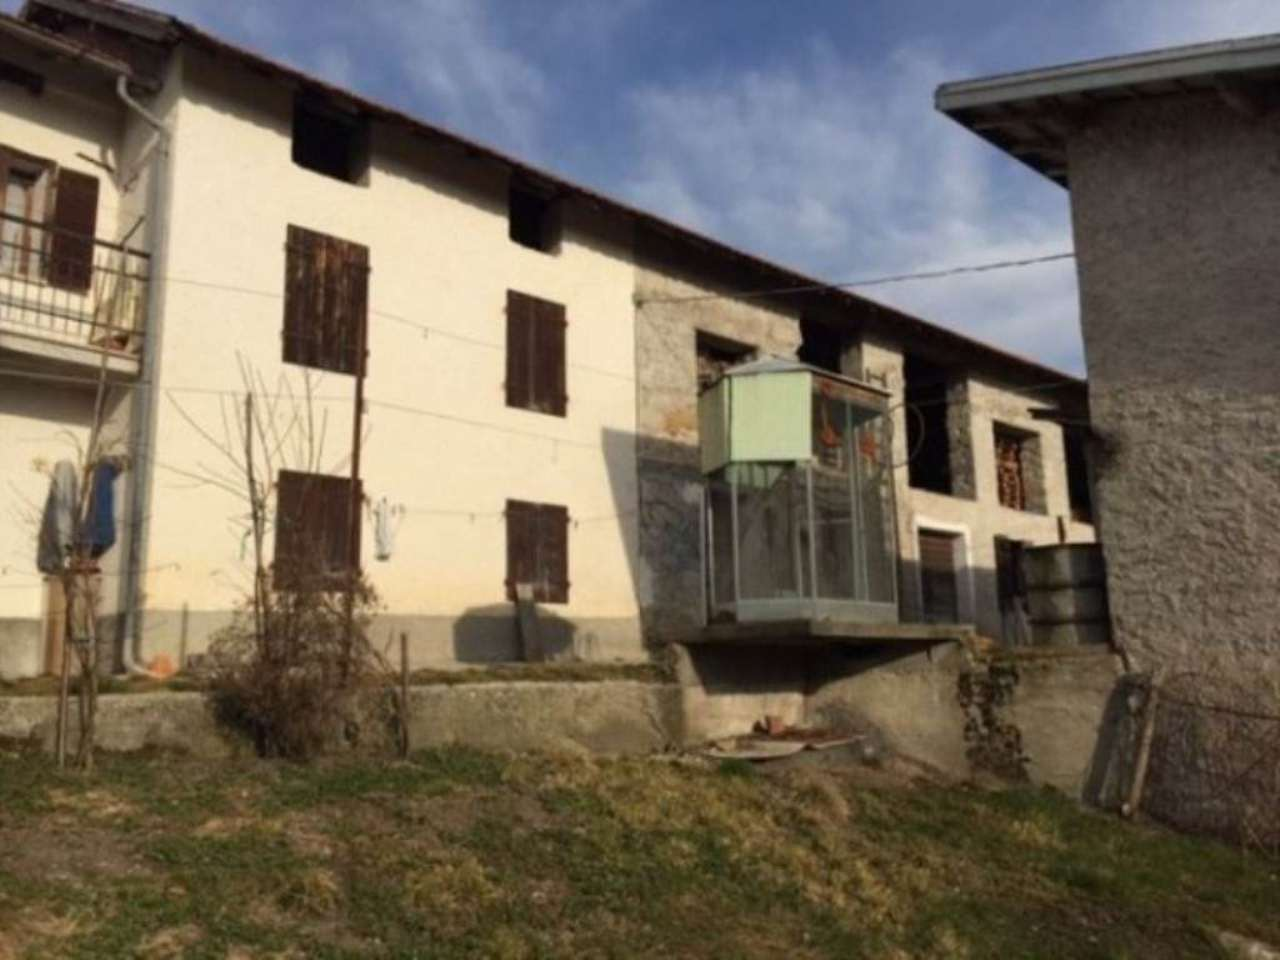 Soluzione Indipendente in vendita a Limana, 6 locali, prezzo € 120.000 | CambioCasa.it